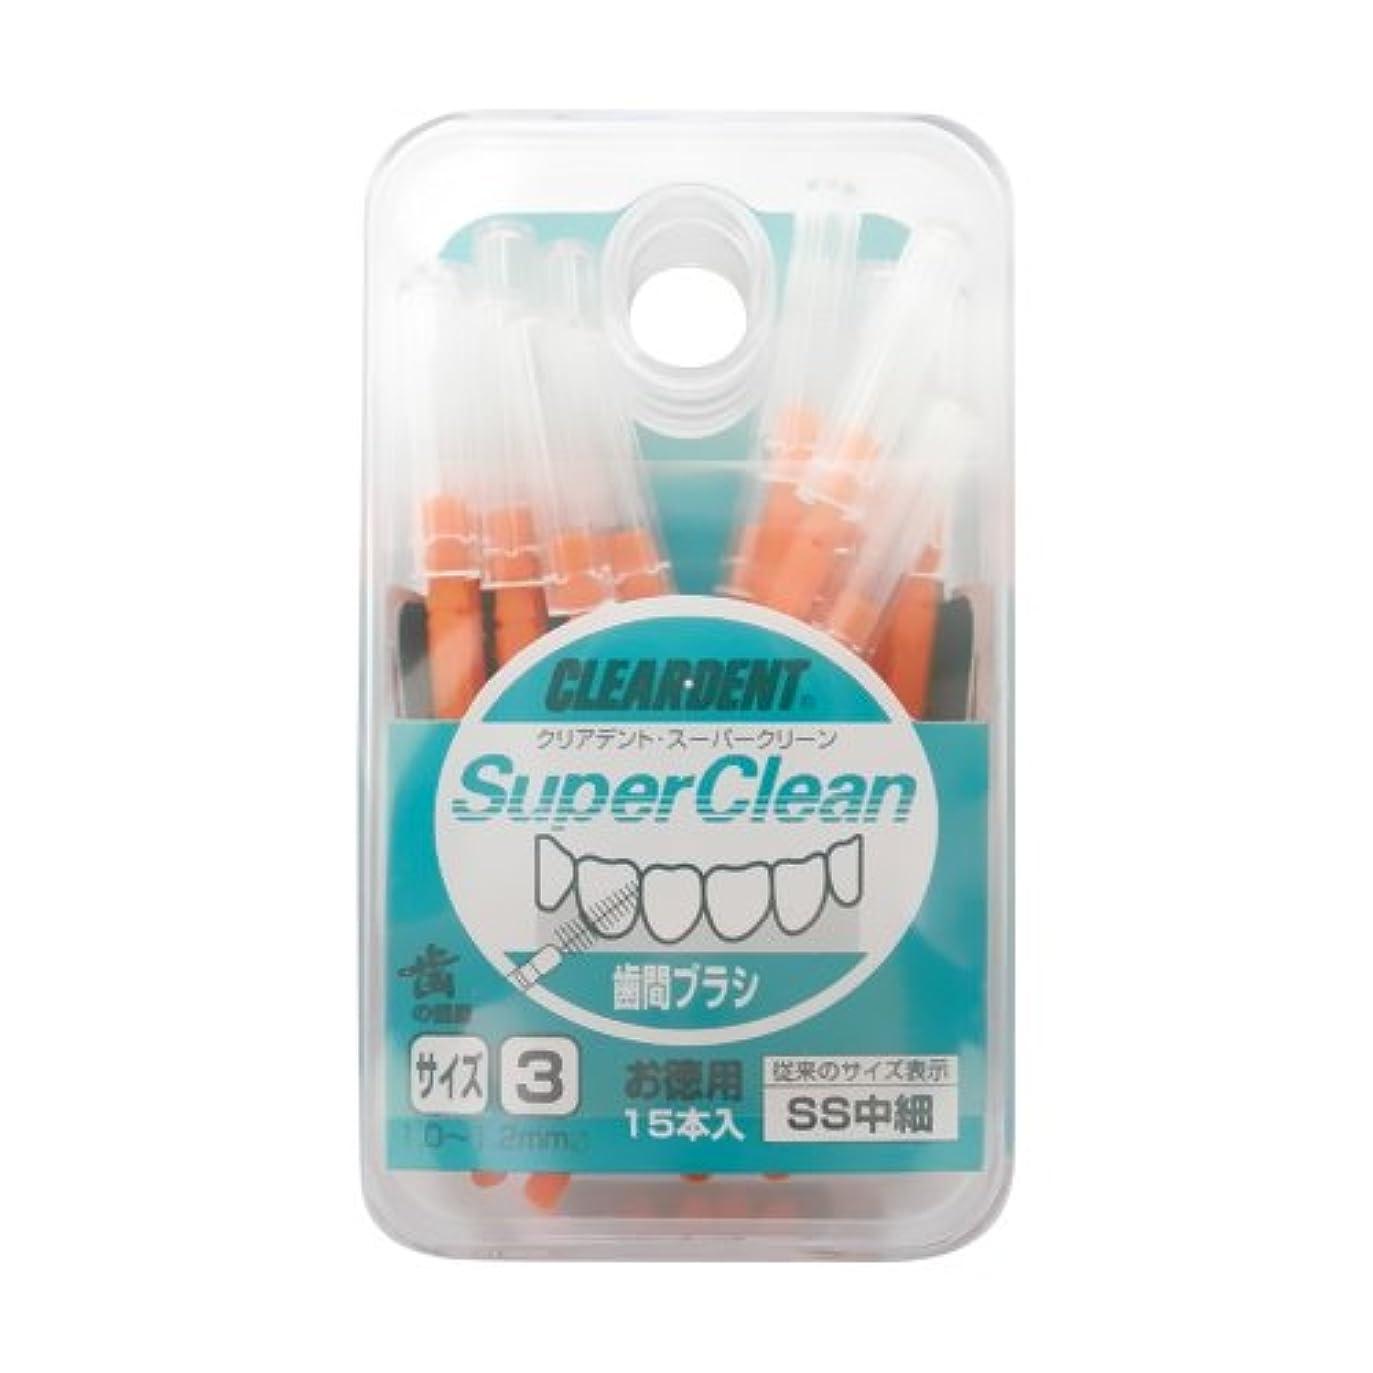 仕事統治する粉砕するクリアデント スーパークリーン お徳用 歯間ブラシ 15本入 (SS)(オレンジ)